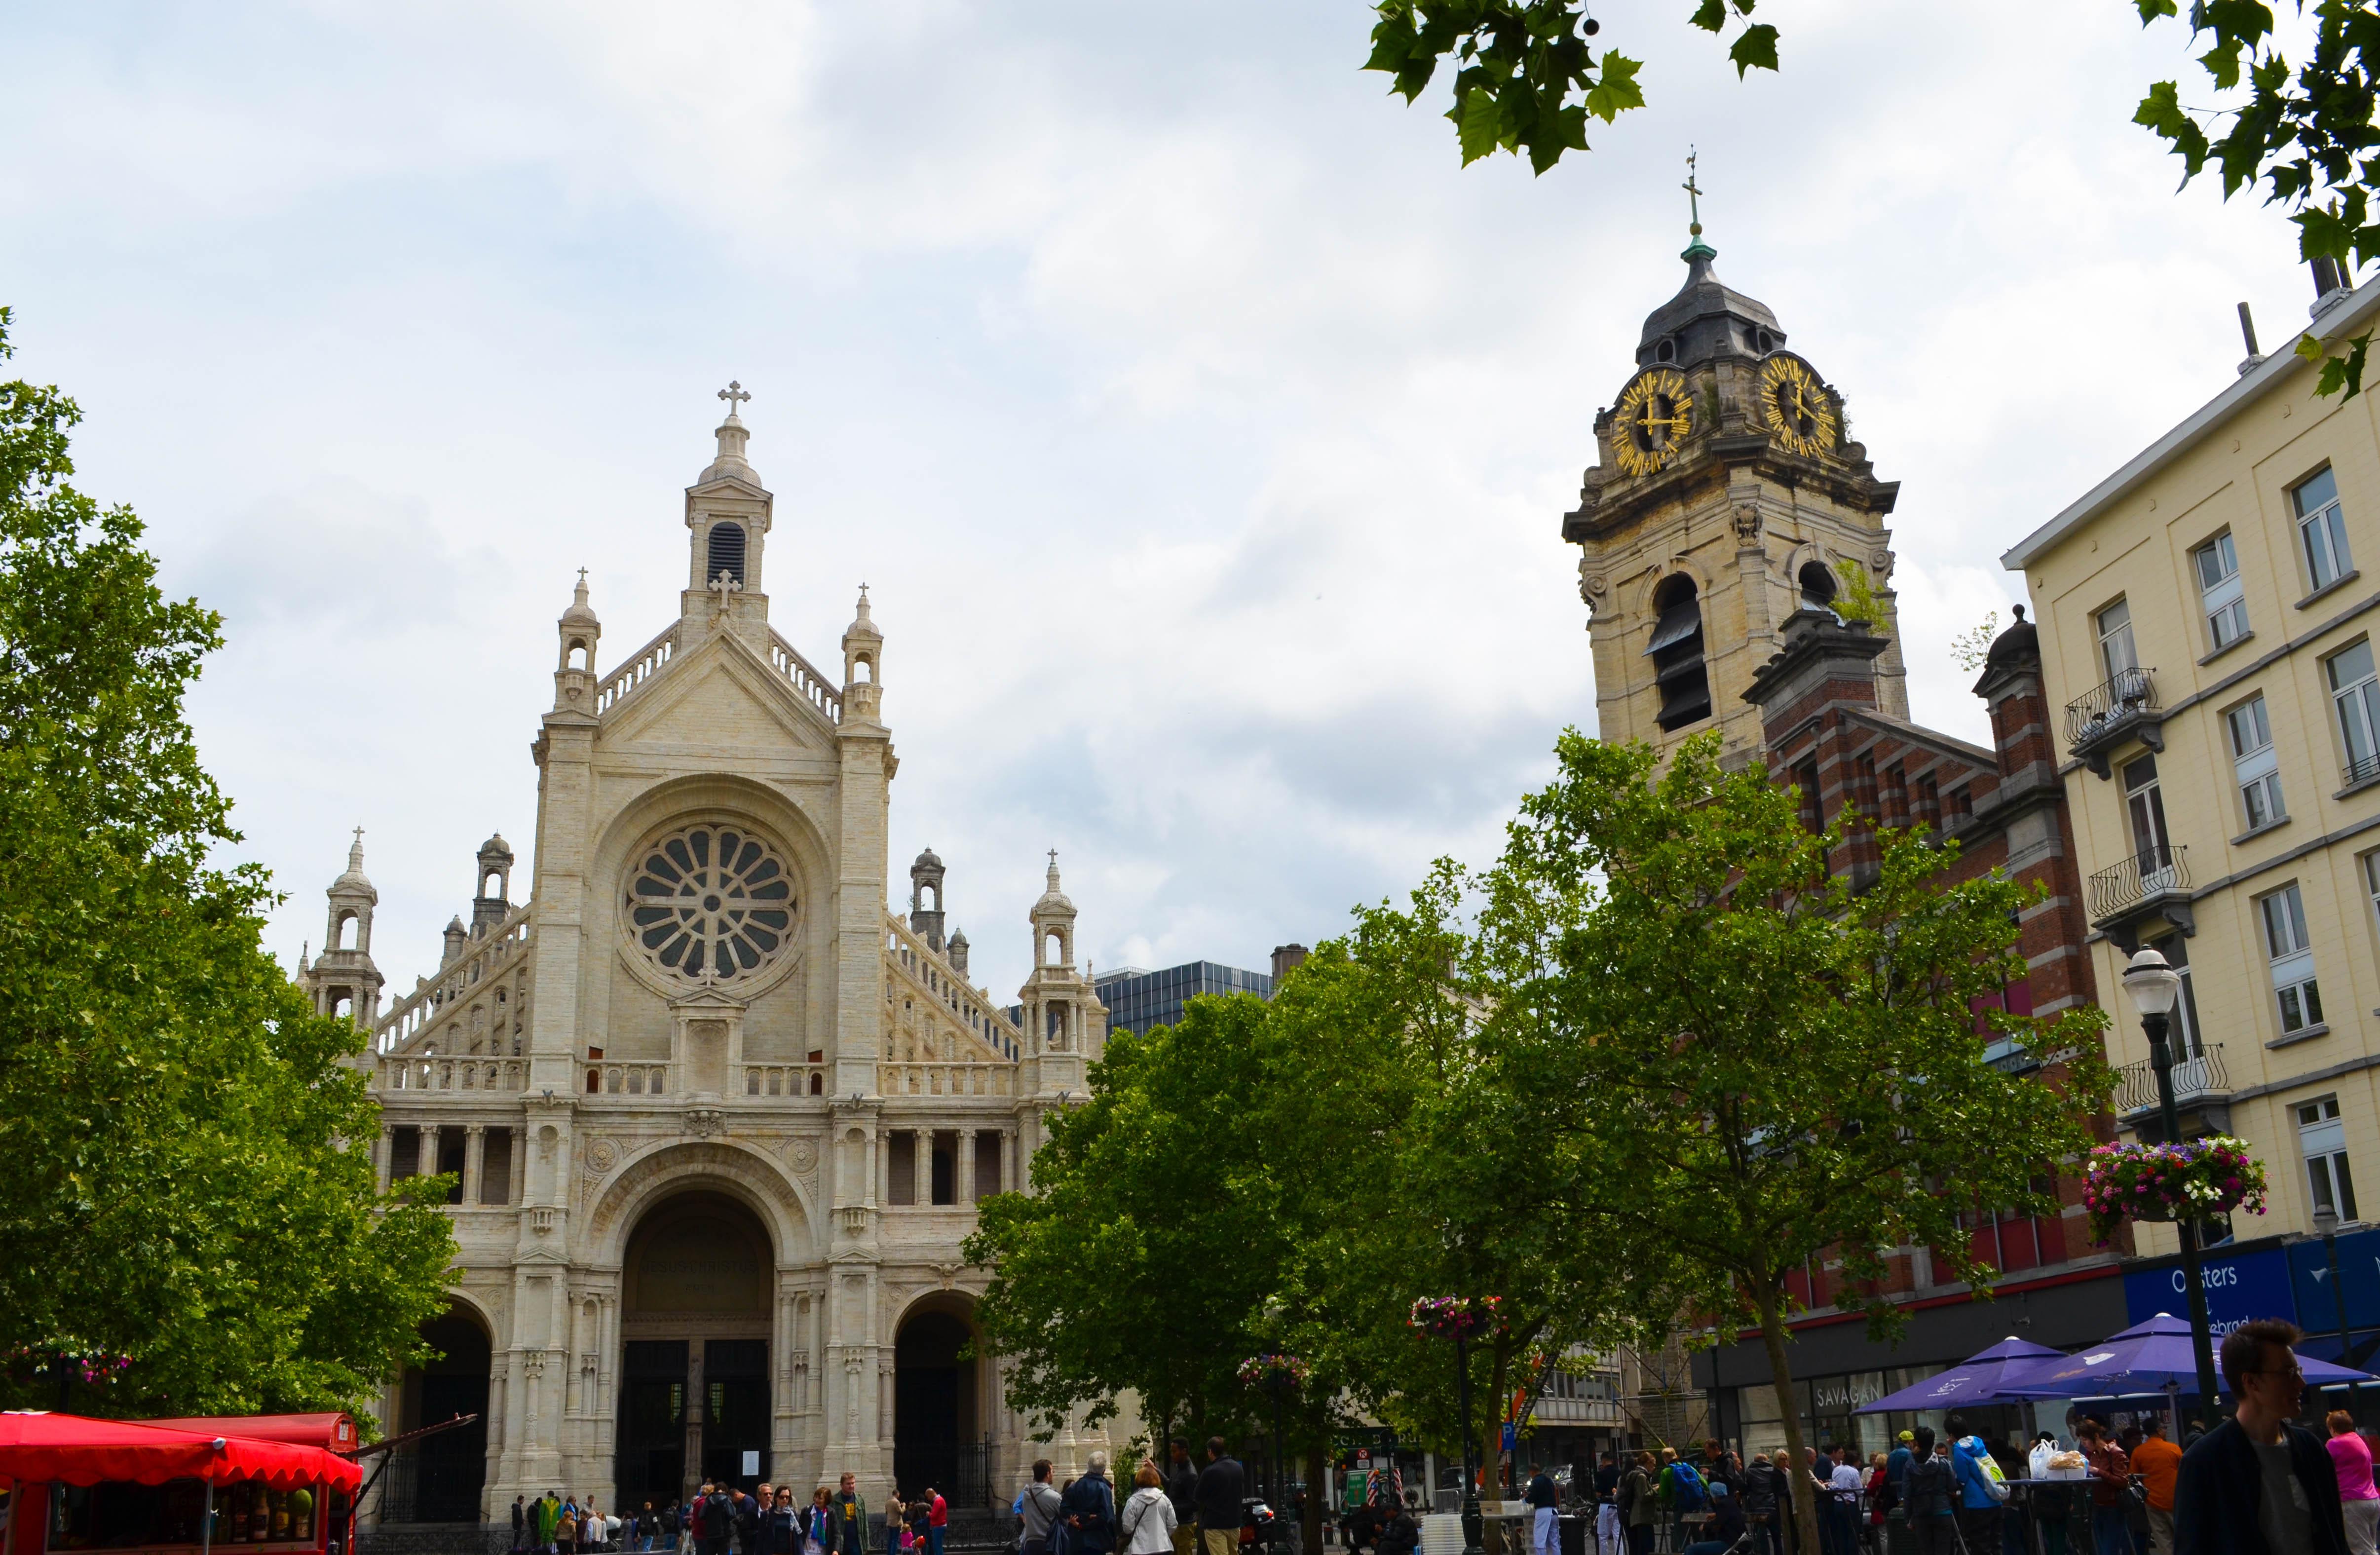 Sainte-Catherine Square